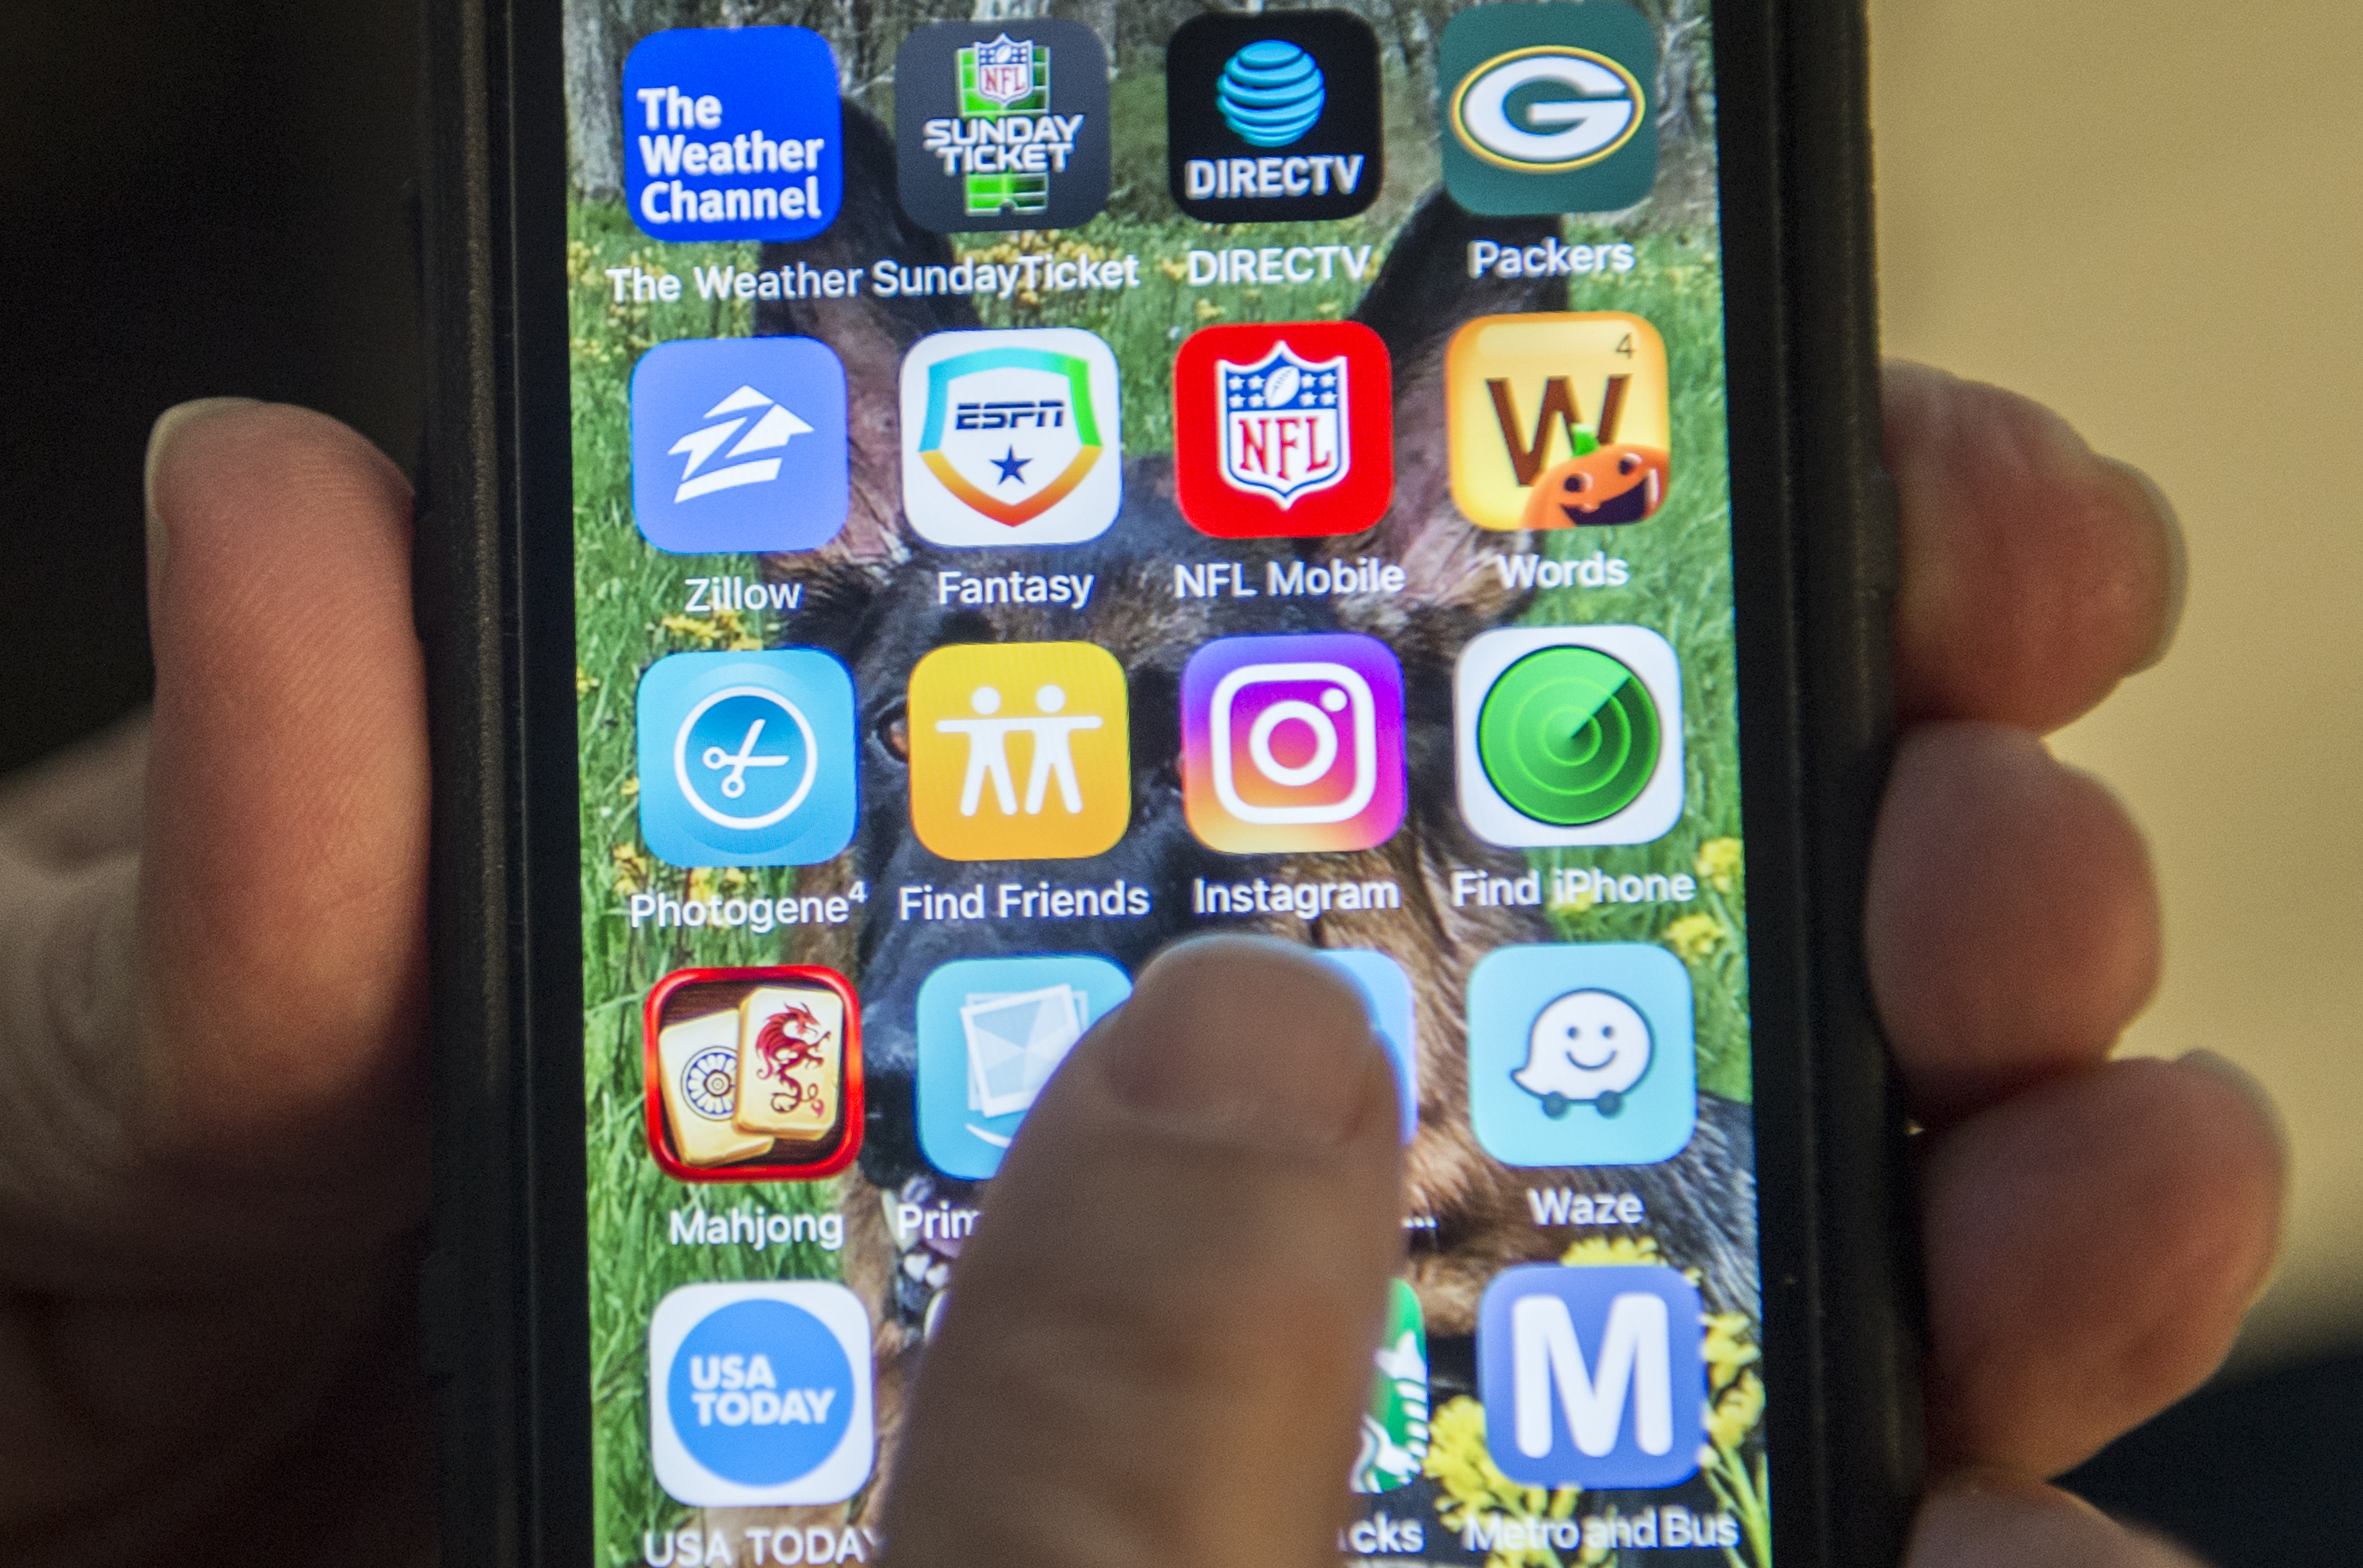 Mau uso das redes sociais ameaça os intelectuais e a democracia, diz Augusto Santos Silva